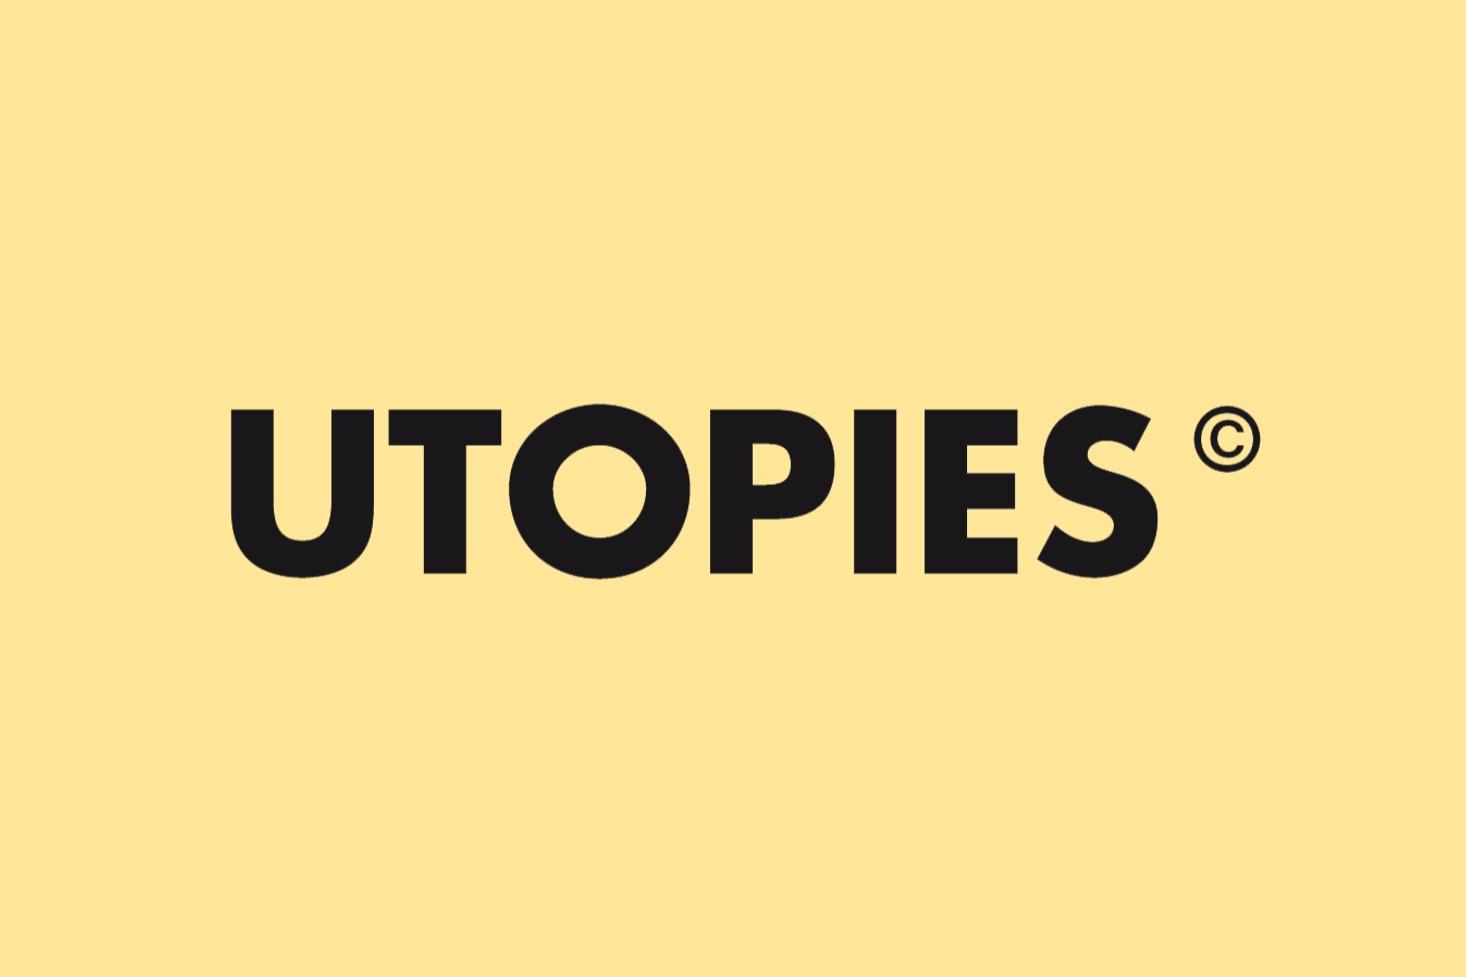 Utopies : accompagner les entreprises dans la prise en compte des enjeux RSE